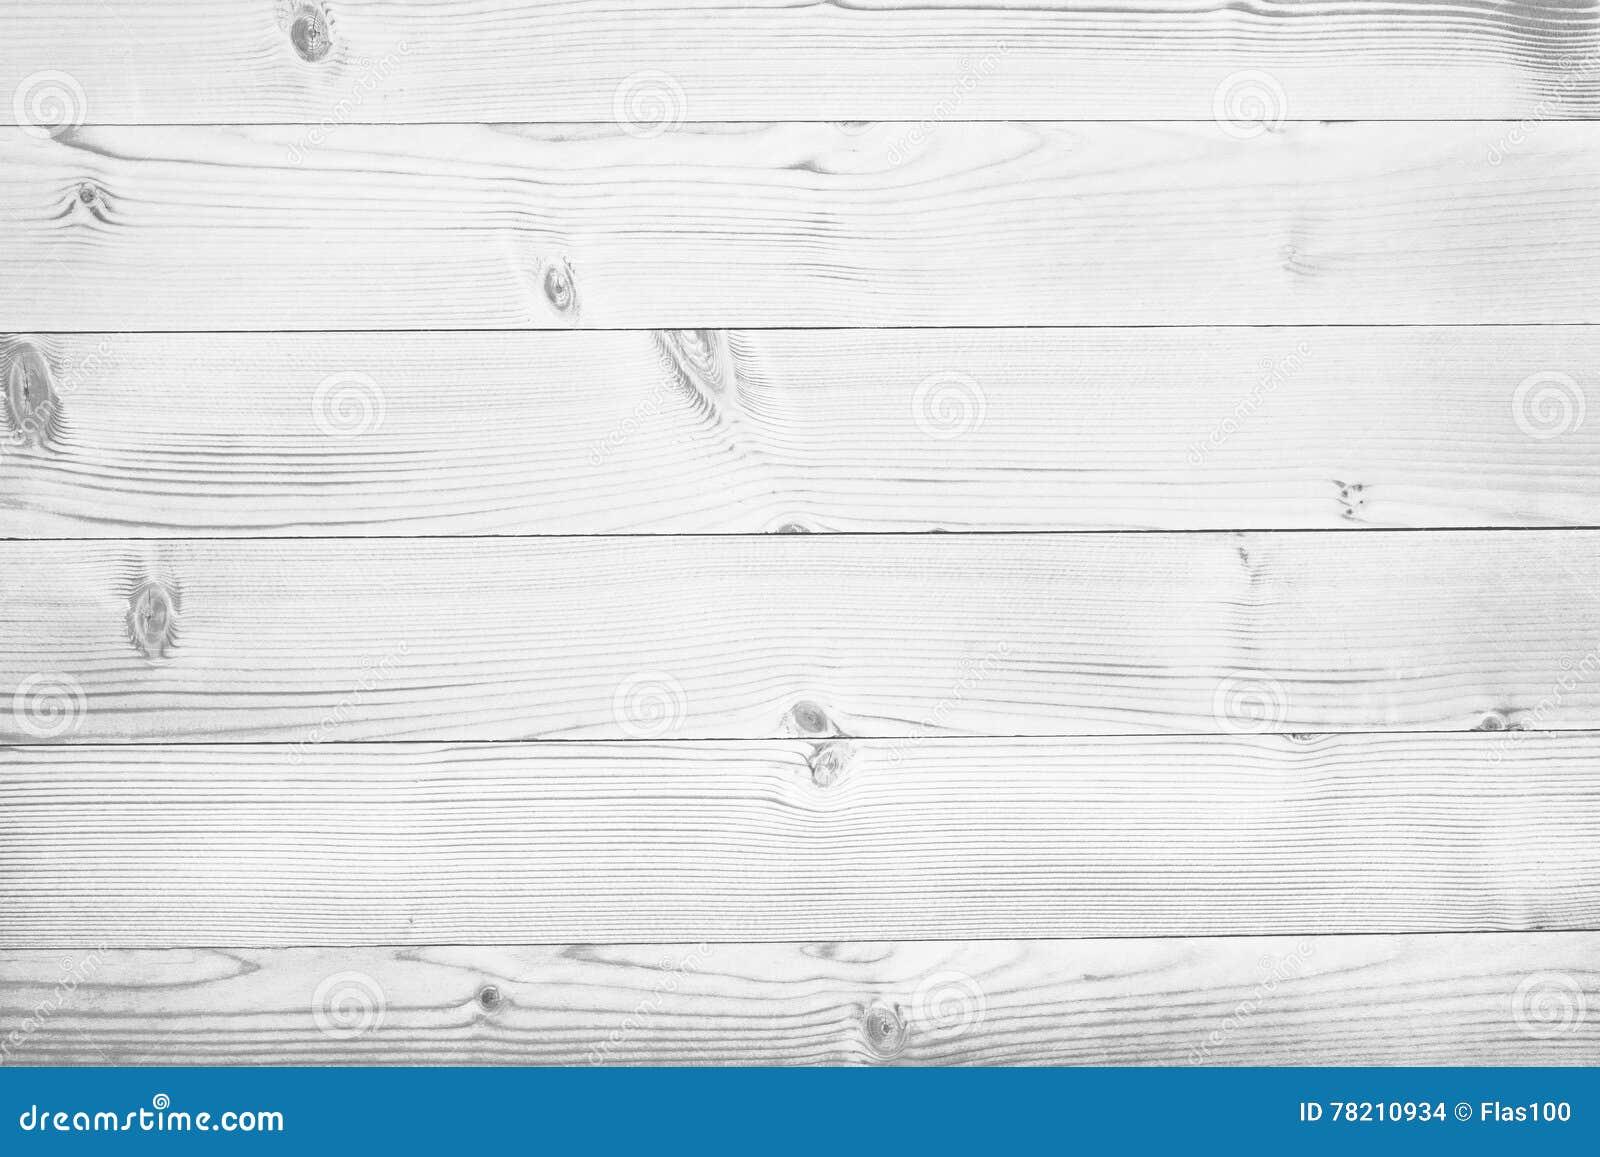 Planches en bois blanches dessus de table surface de plancher de parquet